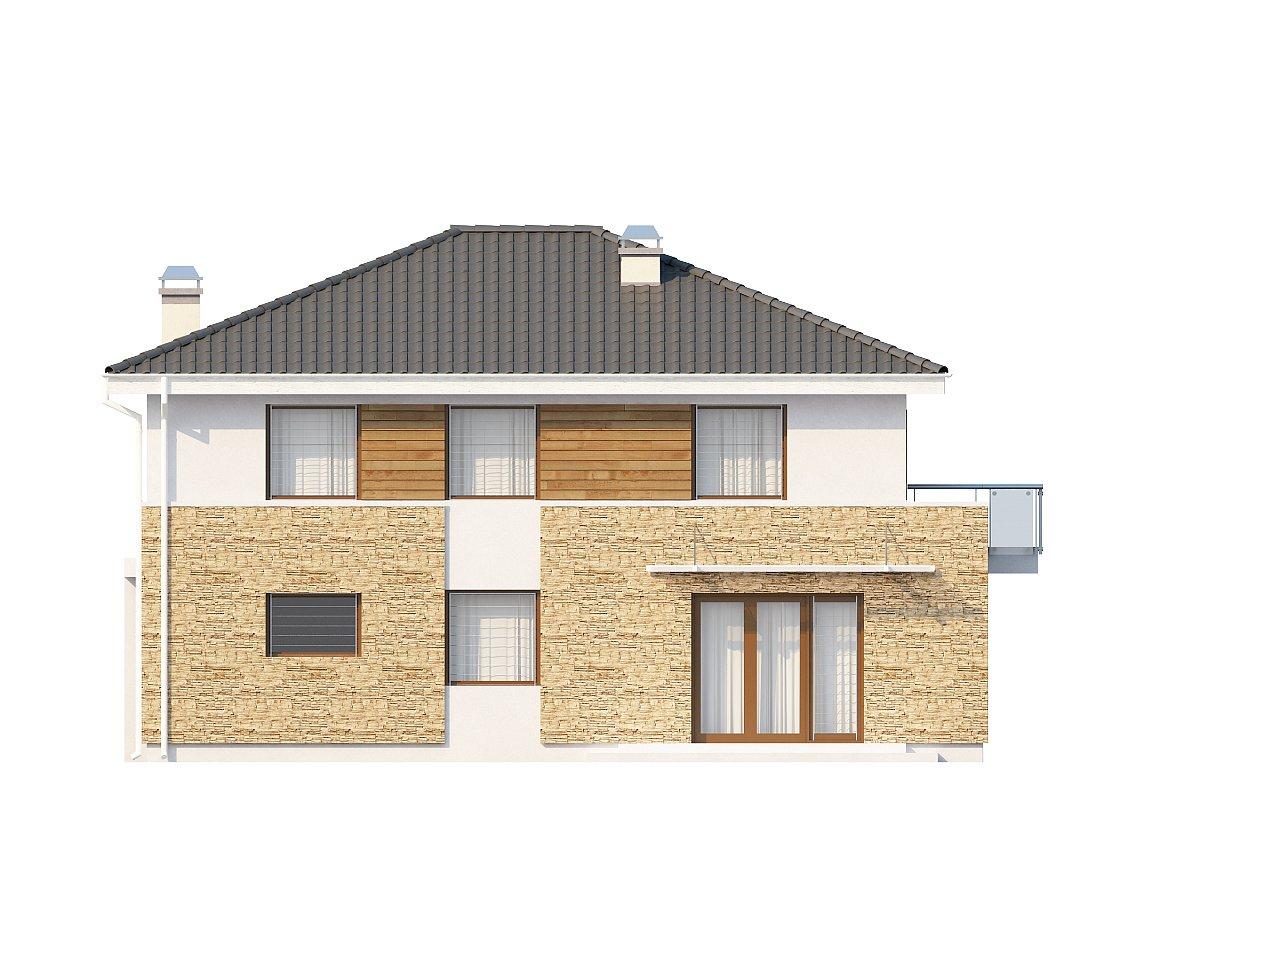 Просторный двухэтажный дом минималистичного современного дизайна. 8